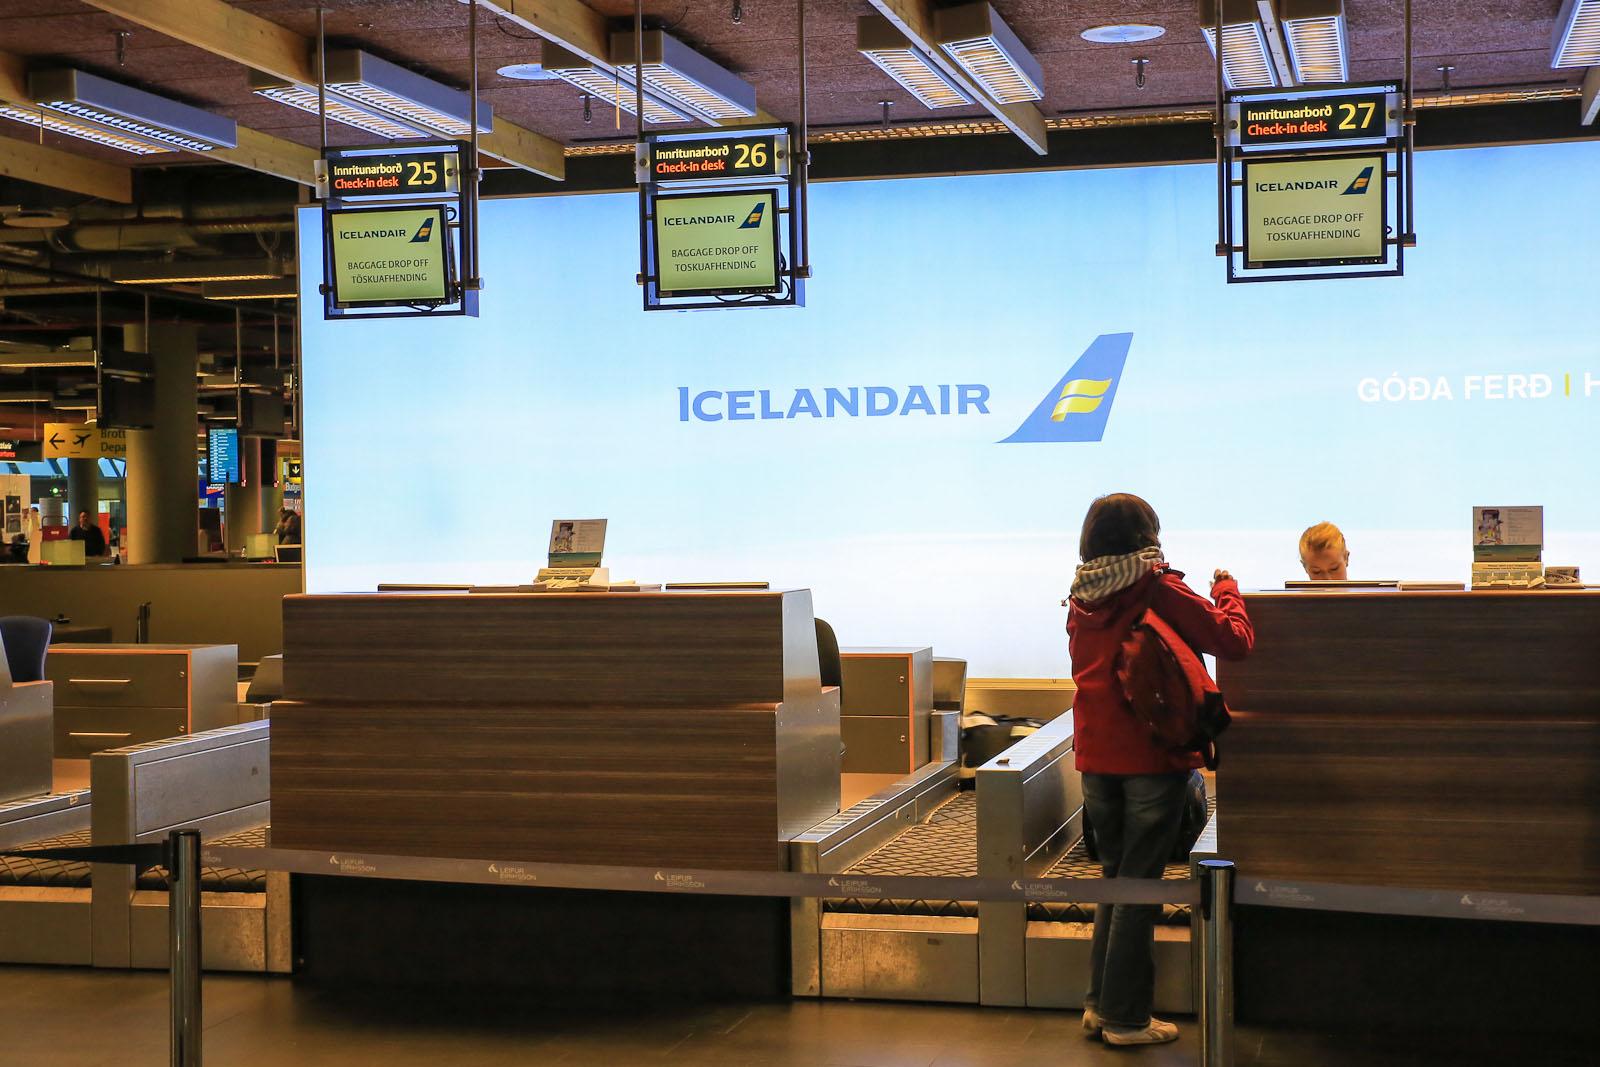 Стойки регистрации Icelandair в аэропорту Рейкьявик Кефлавик